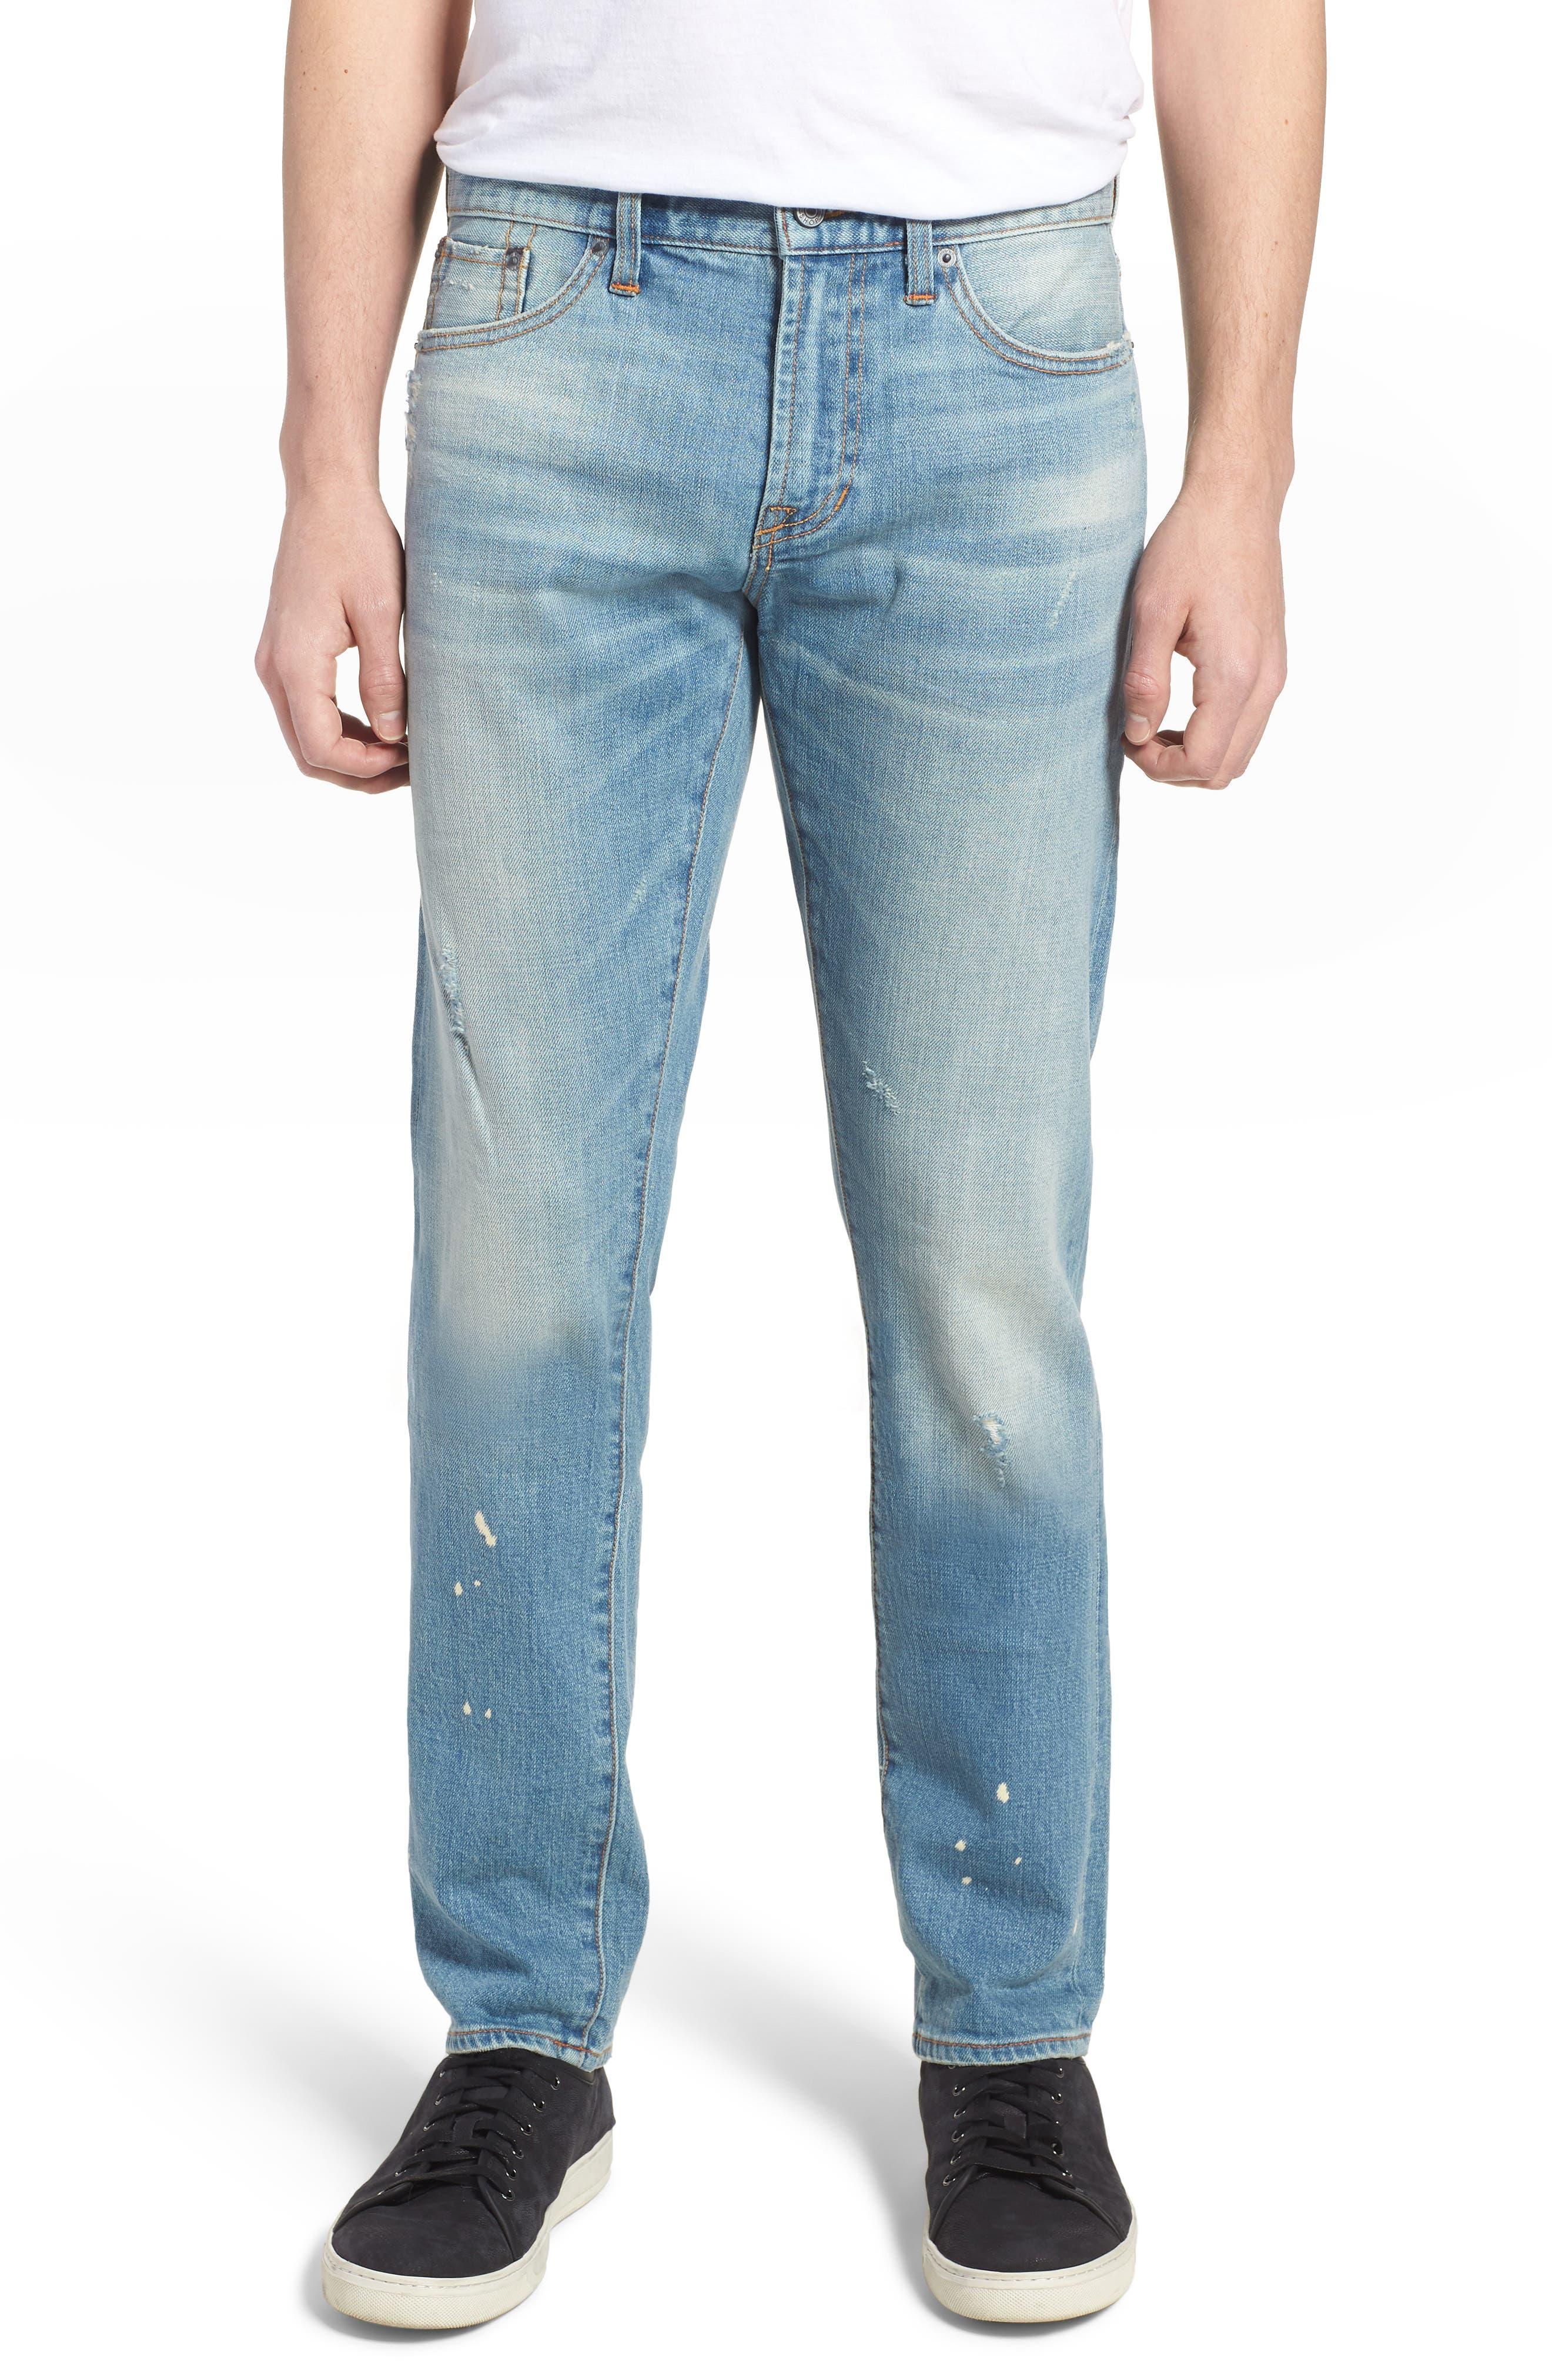 Jim Slim Fit Jeans,                         Main,                         color, HOLLIS